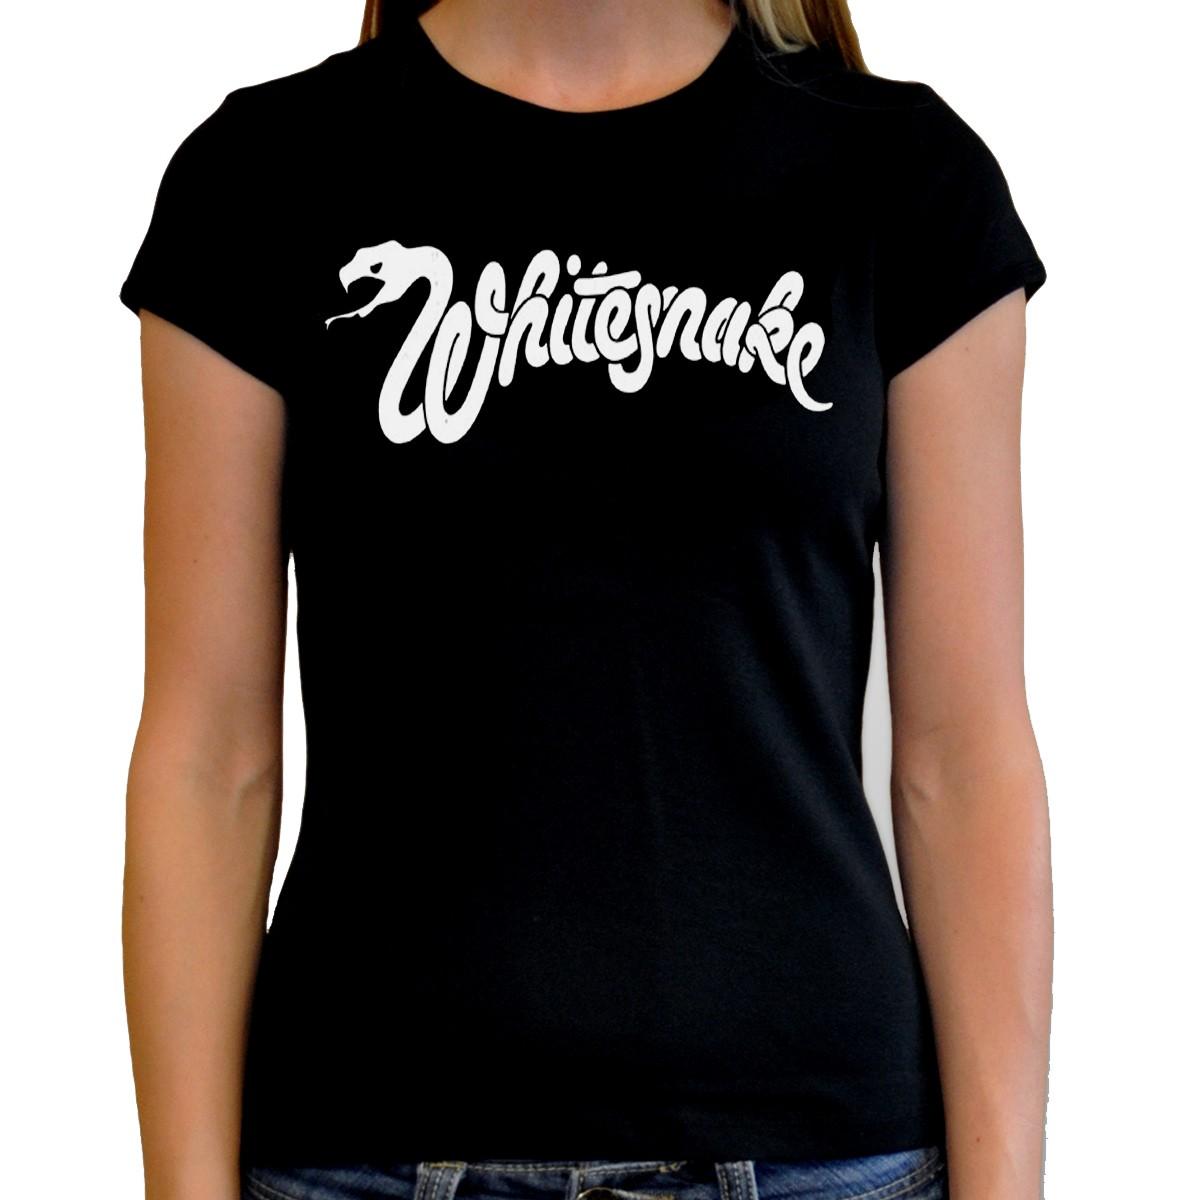 T shirt whitesnake - T Shirt Whitesnake 20